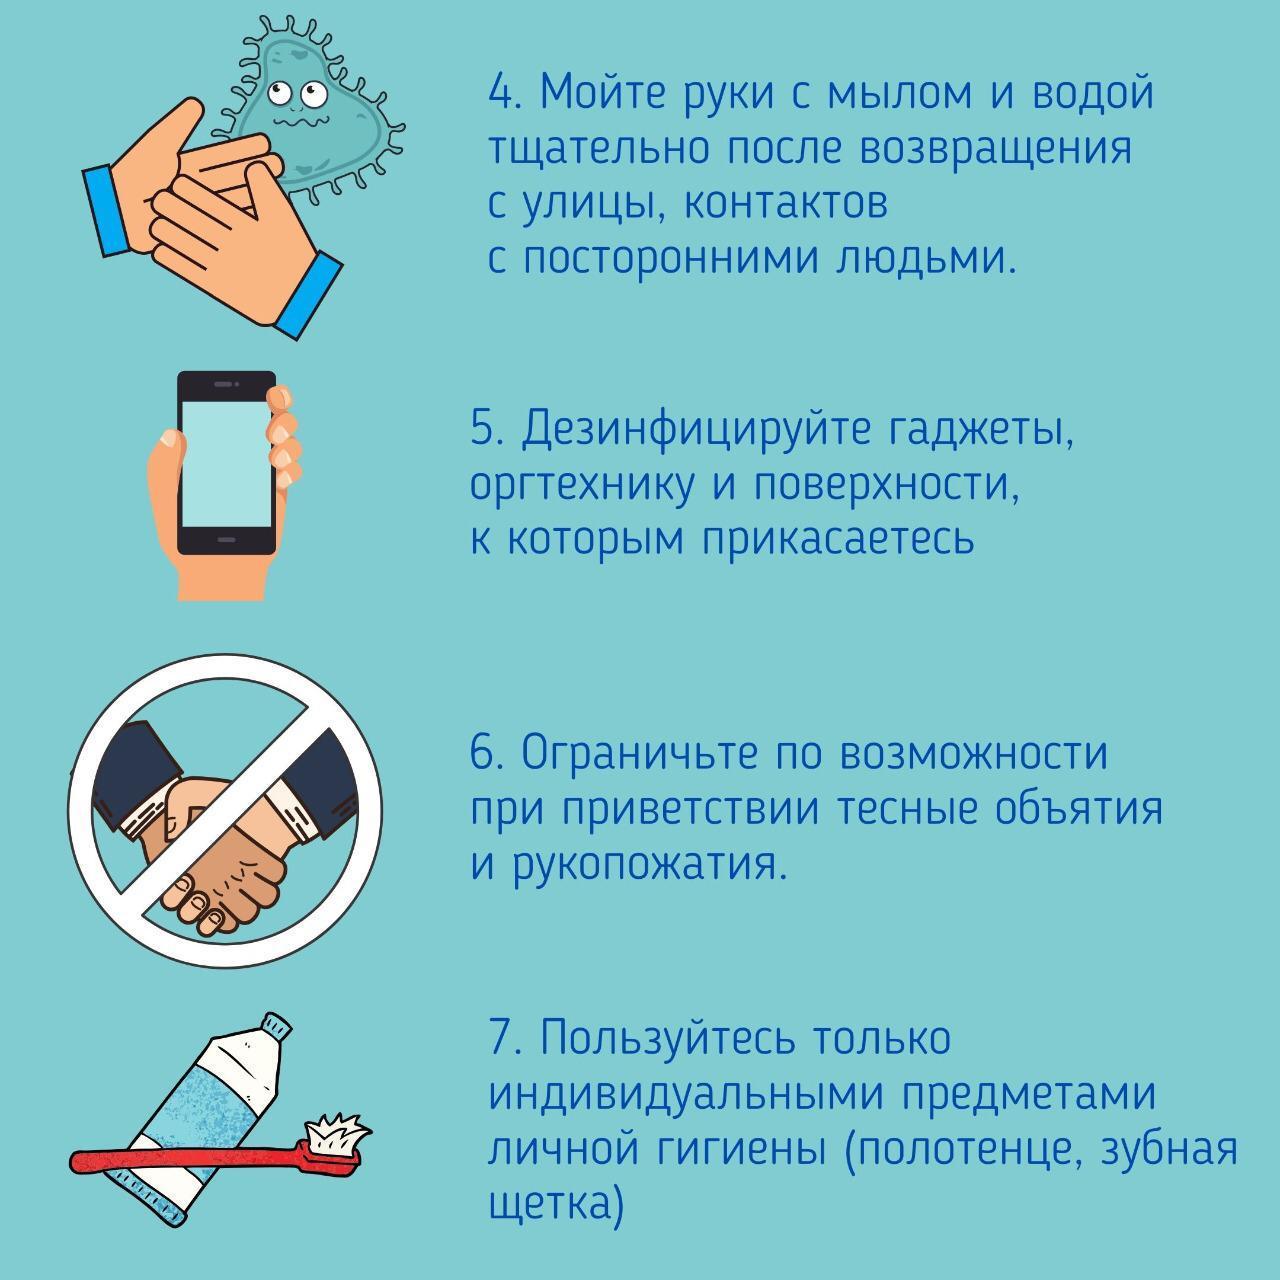 WhatsApp Image 2020-03-18 at 21.22.19 (1).jpeg